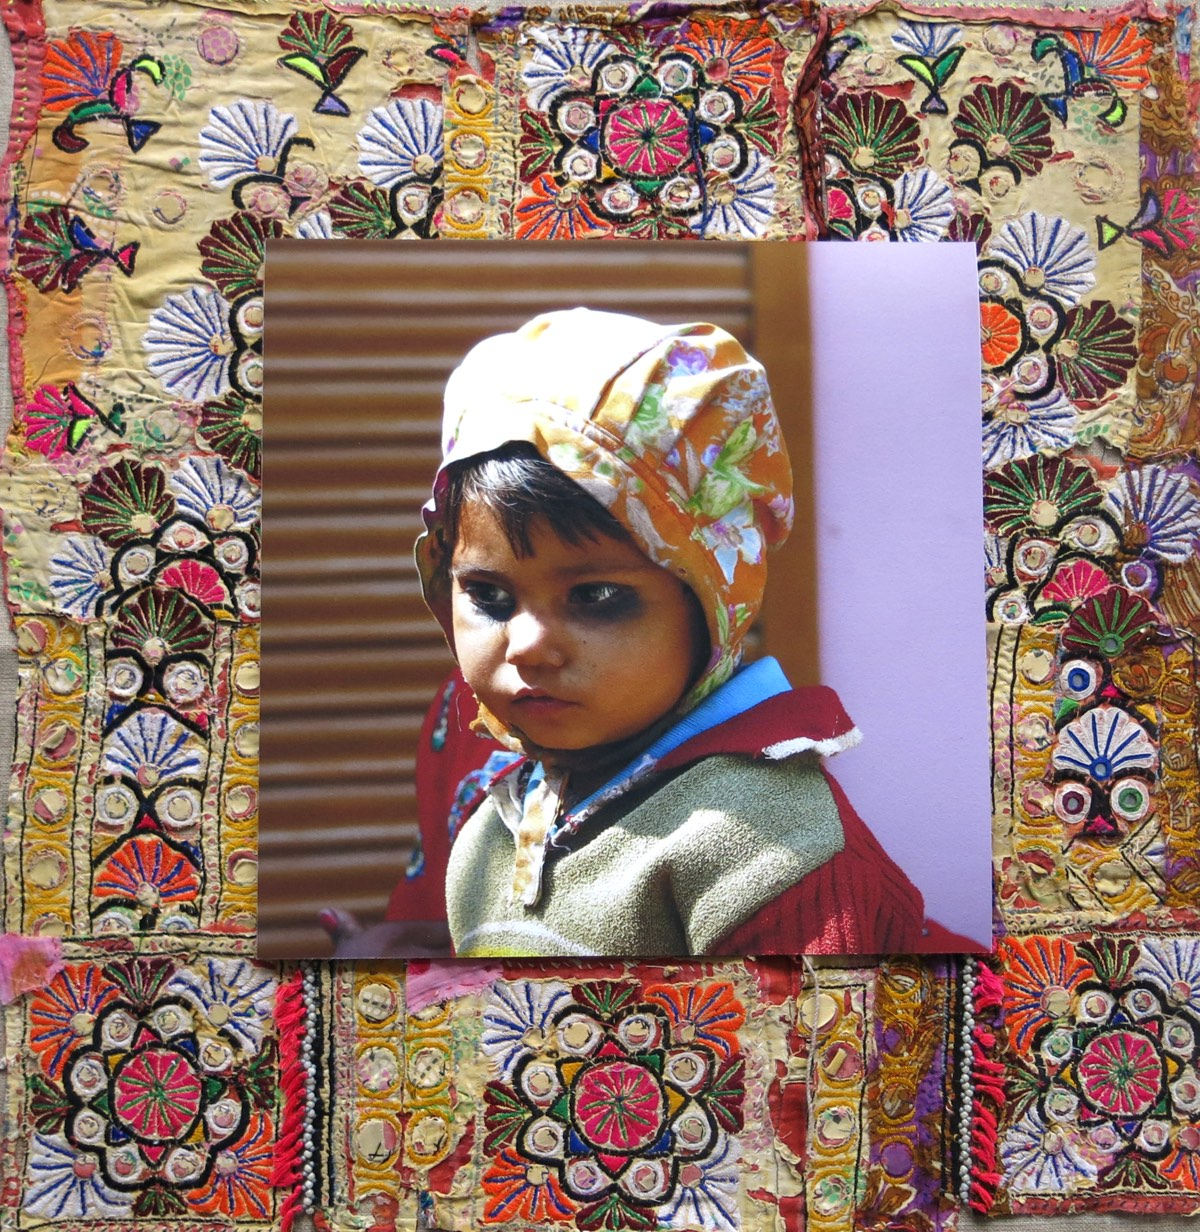 'Jongetje voor rolluik' 60x60cm Gemengde techniek: eigen beeld op handgeborduurde oude Indiase textiel. (sold)